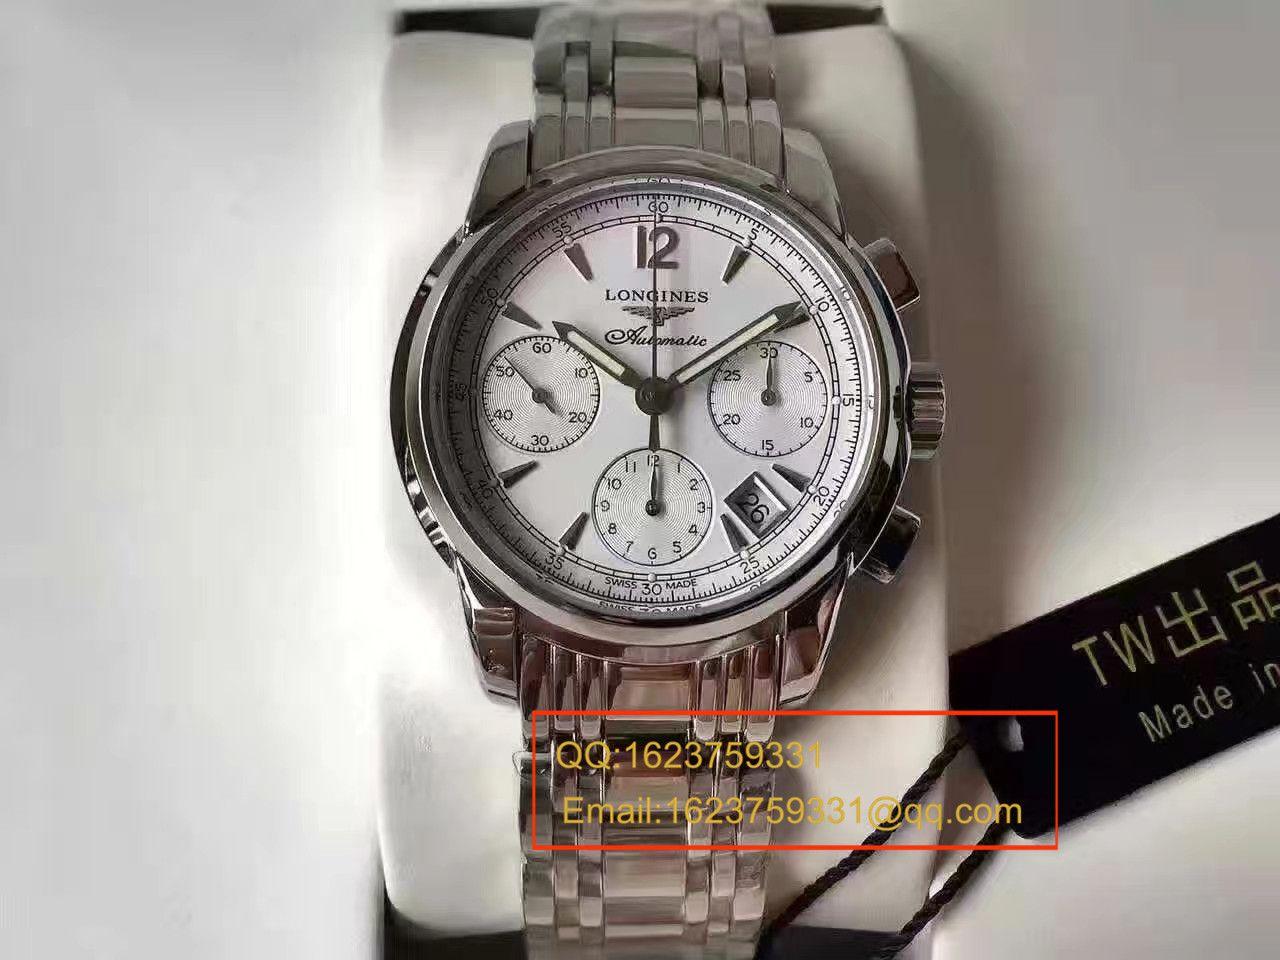 【台湾厂TW顶级复刻手表】浪琴制表传统 SAINT-IMIER索伊米亚系列L2.753.4.72.6腕表 / L083